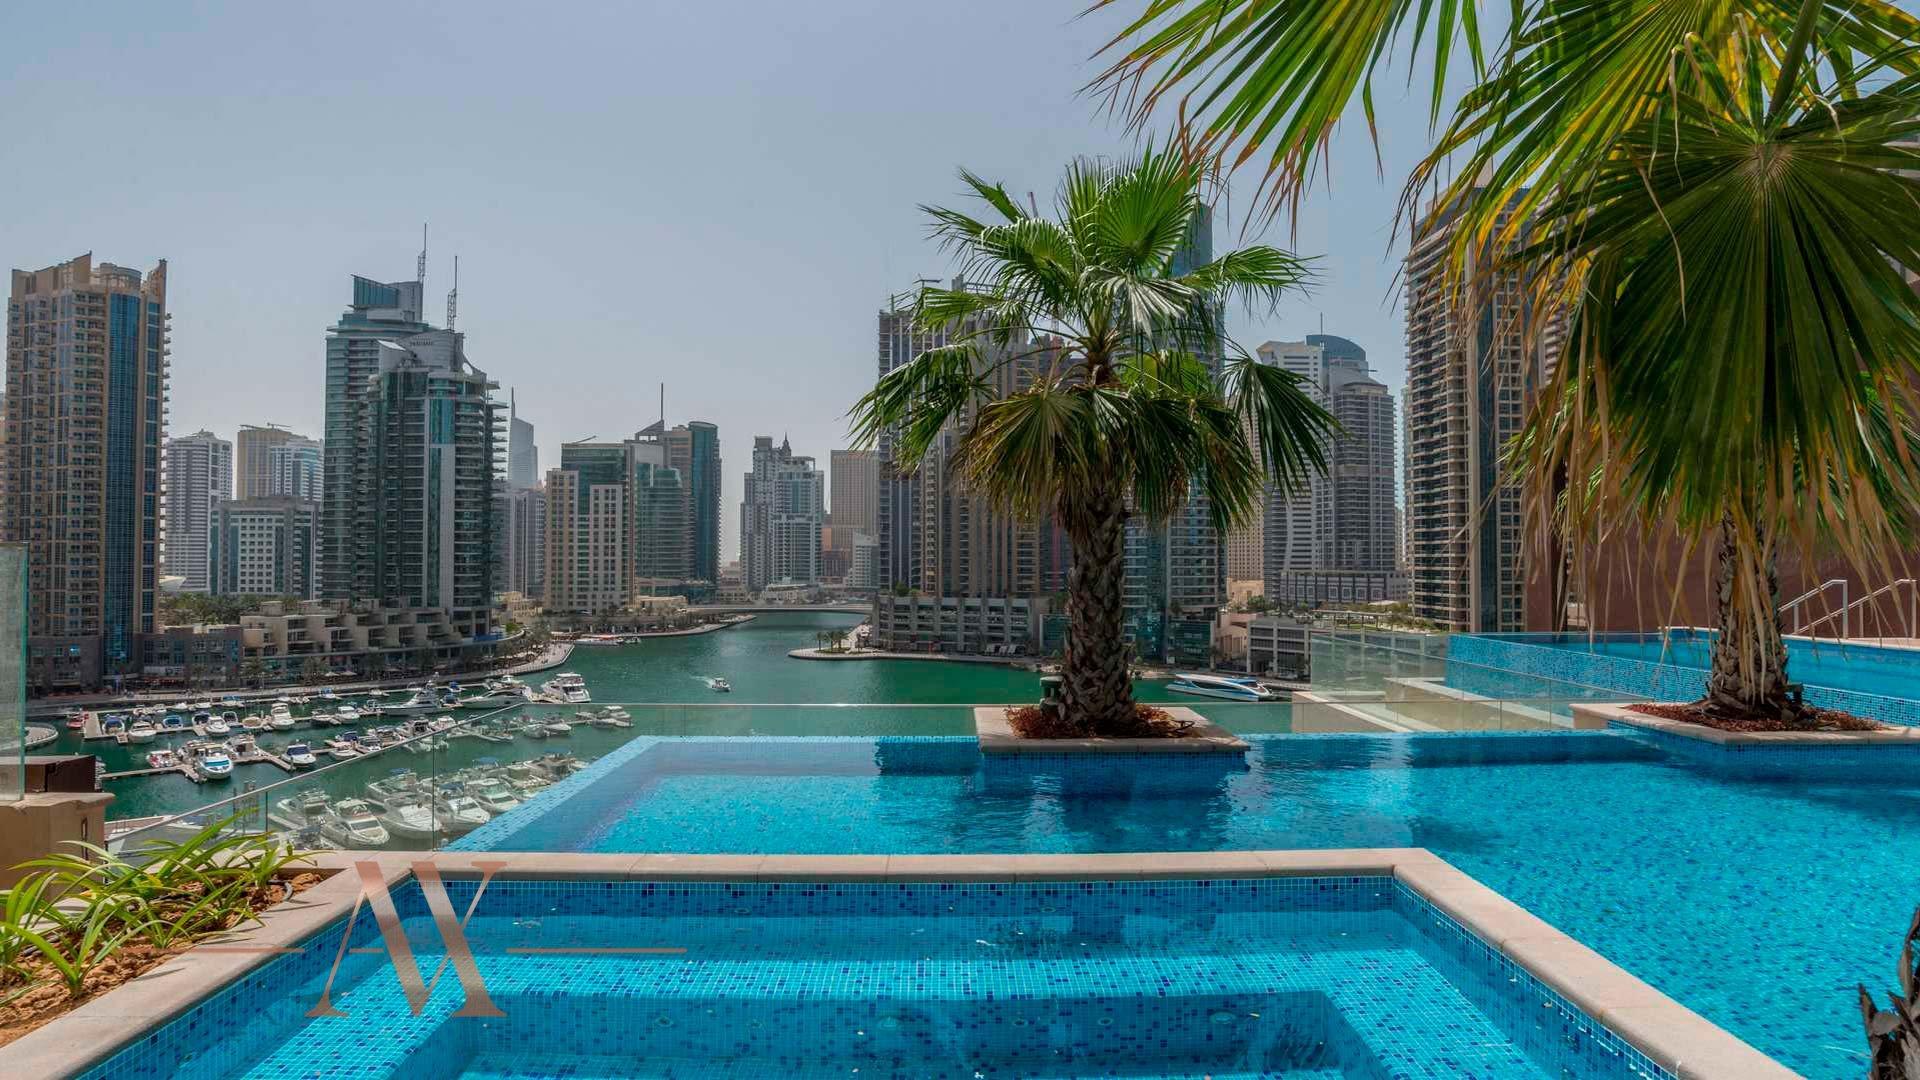 MARINA GATE, Dubai Marina, UAE – photo 10